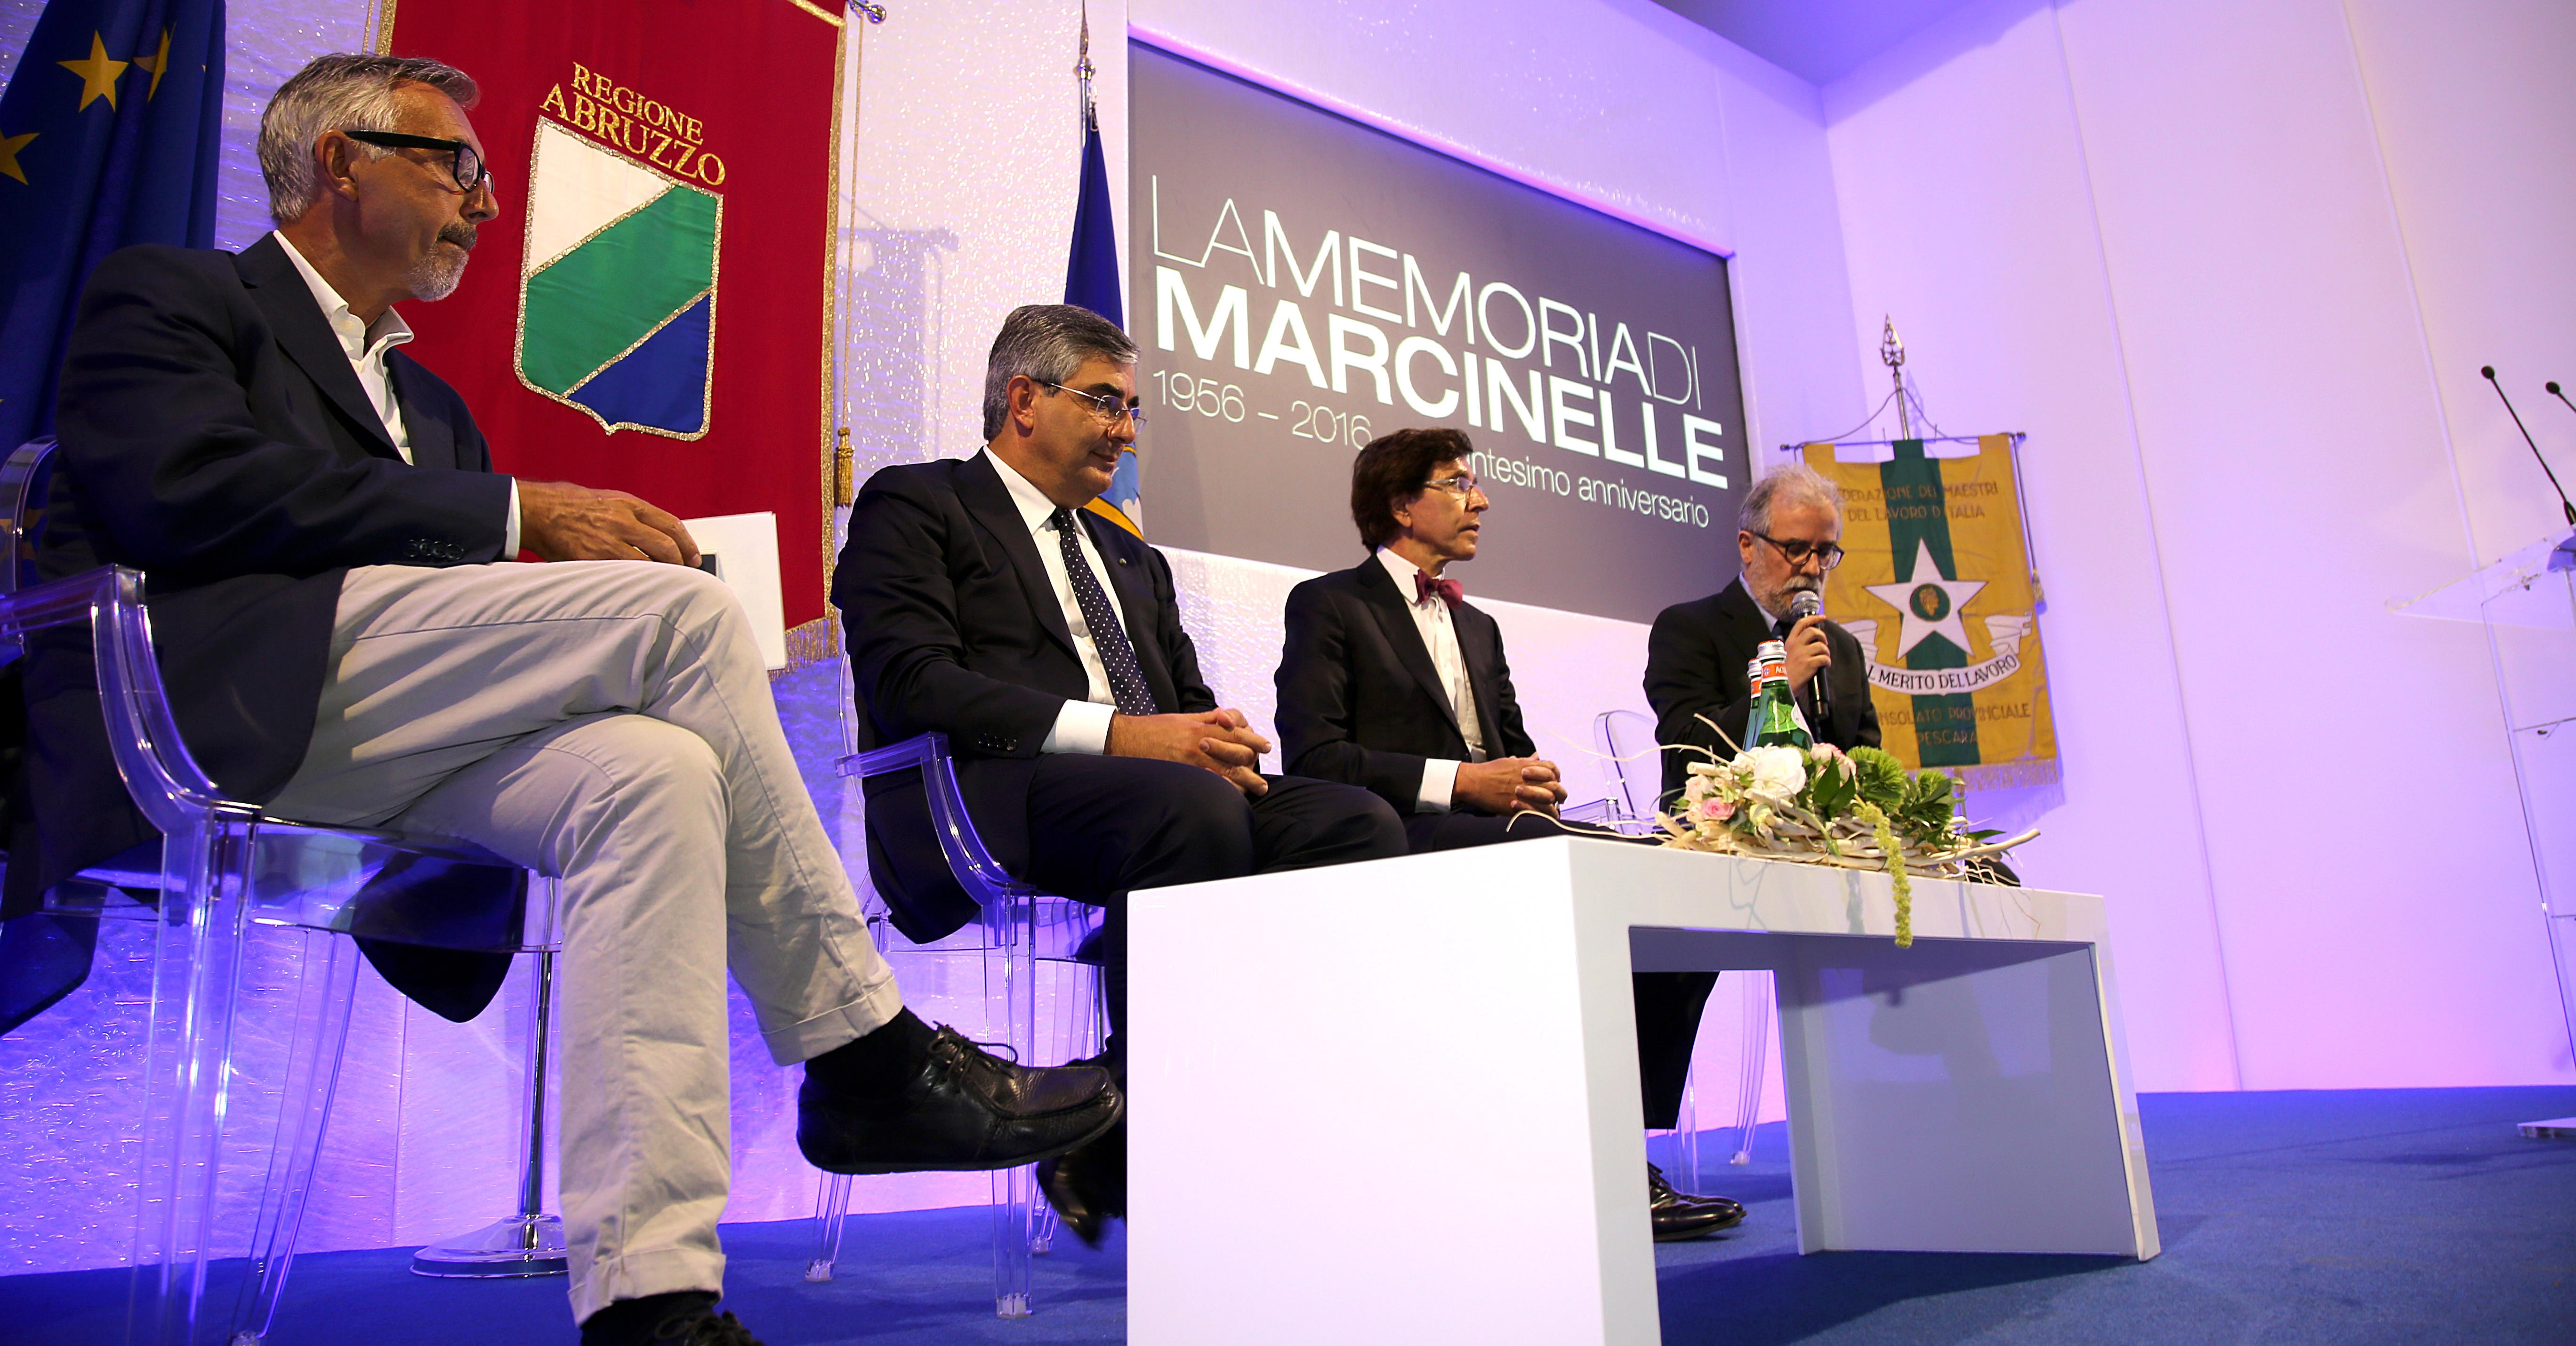 La memoria di Marcinelle